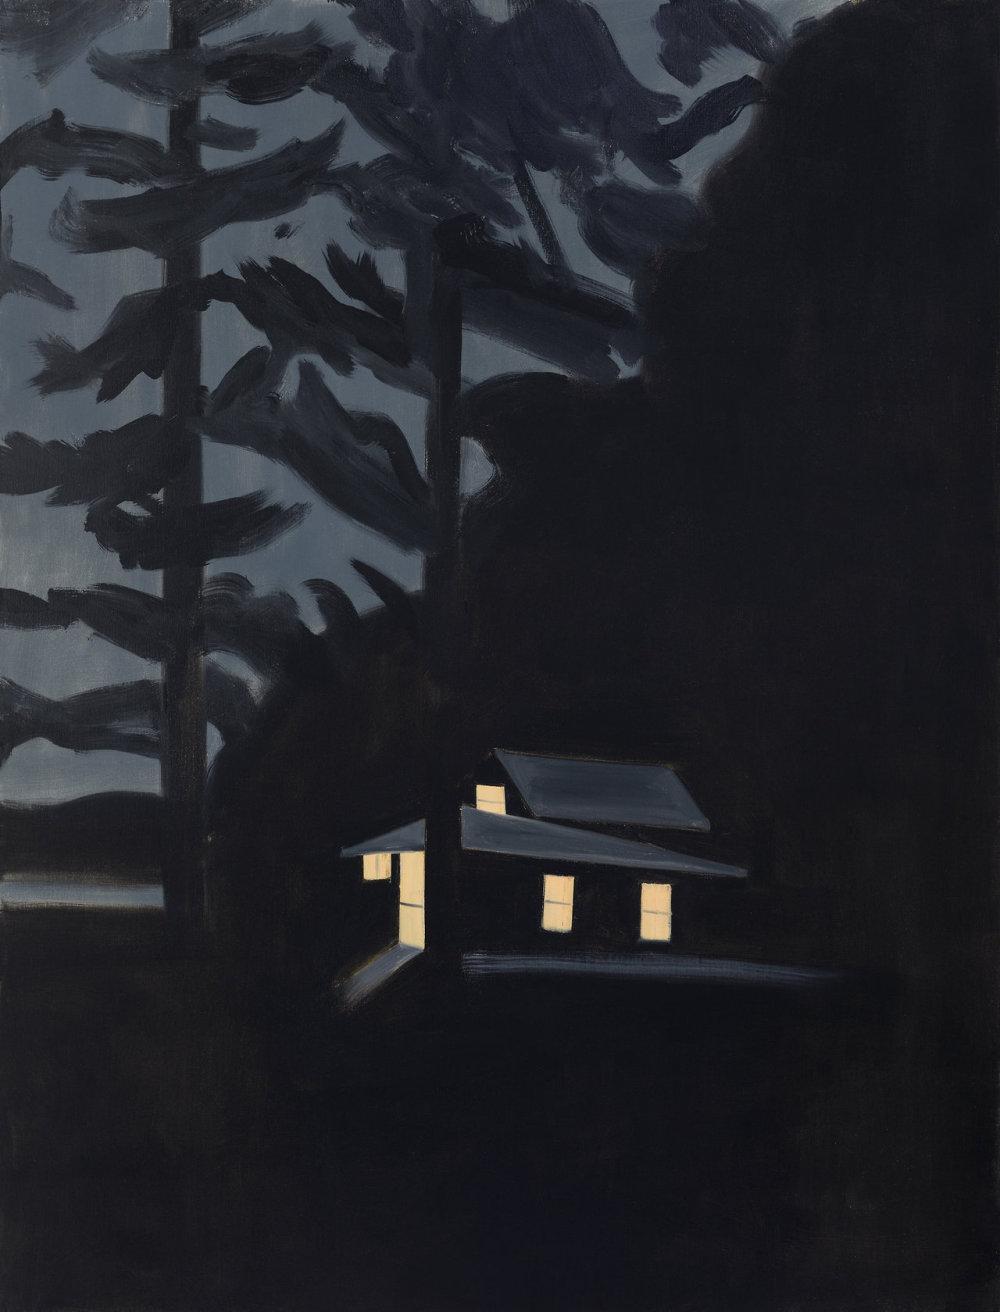 Alex Katz, Night House.